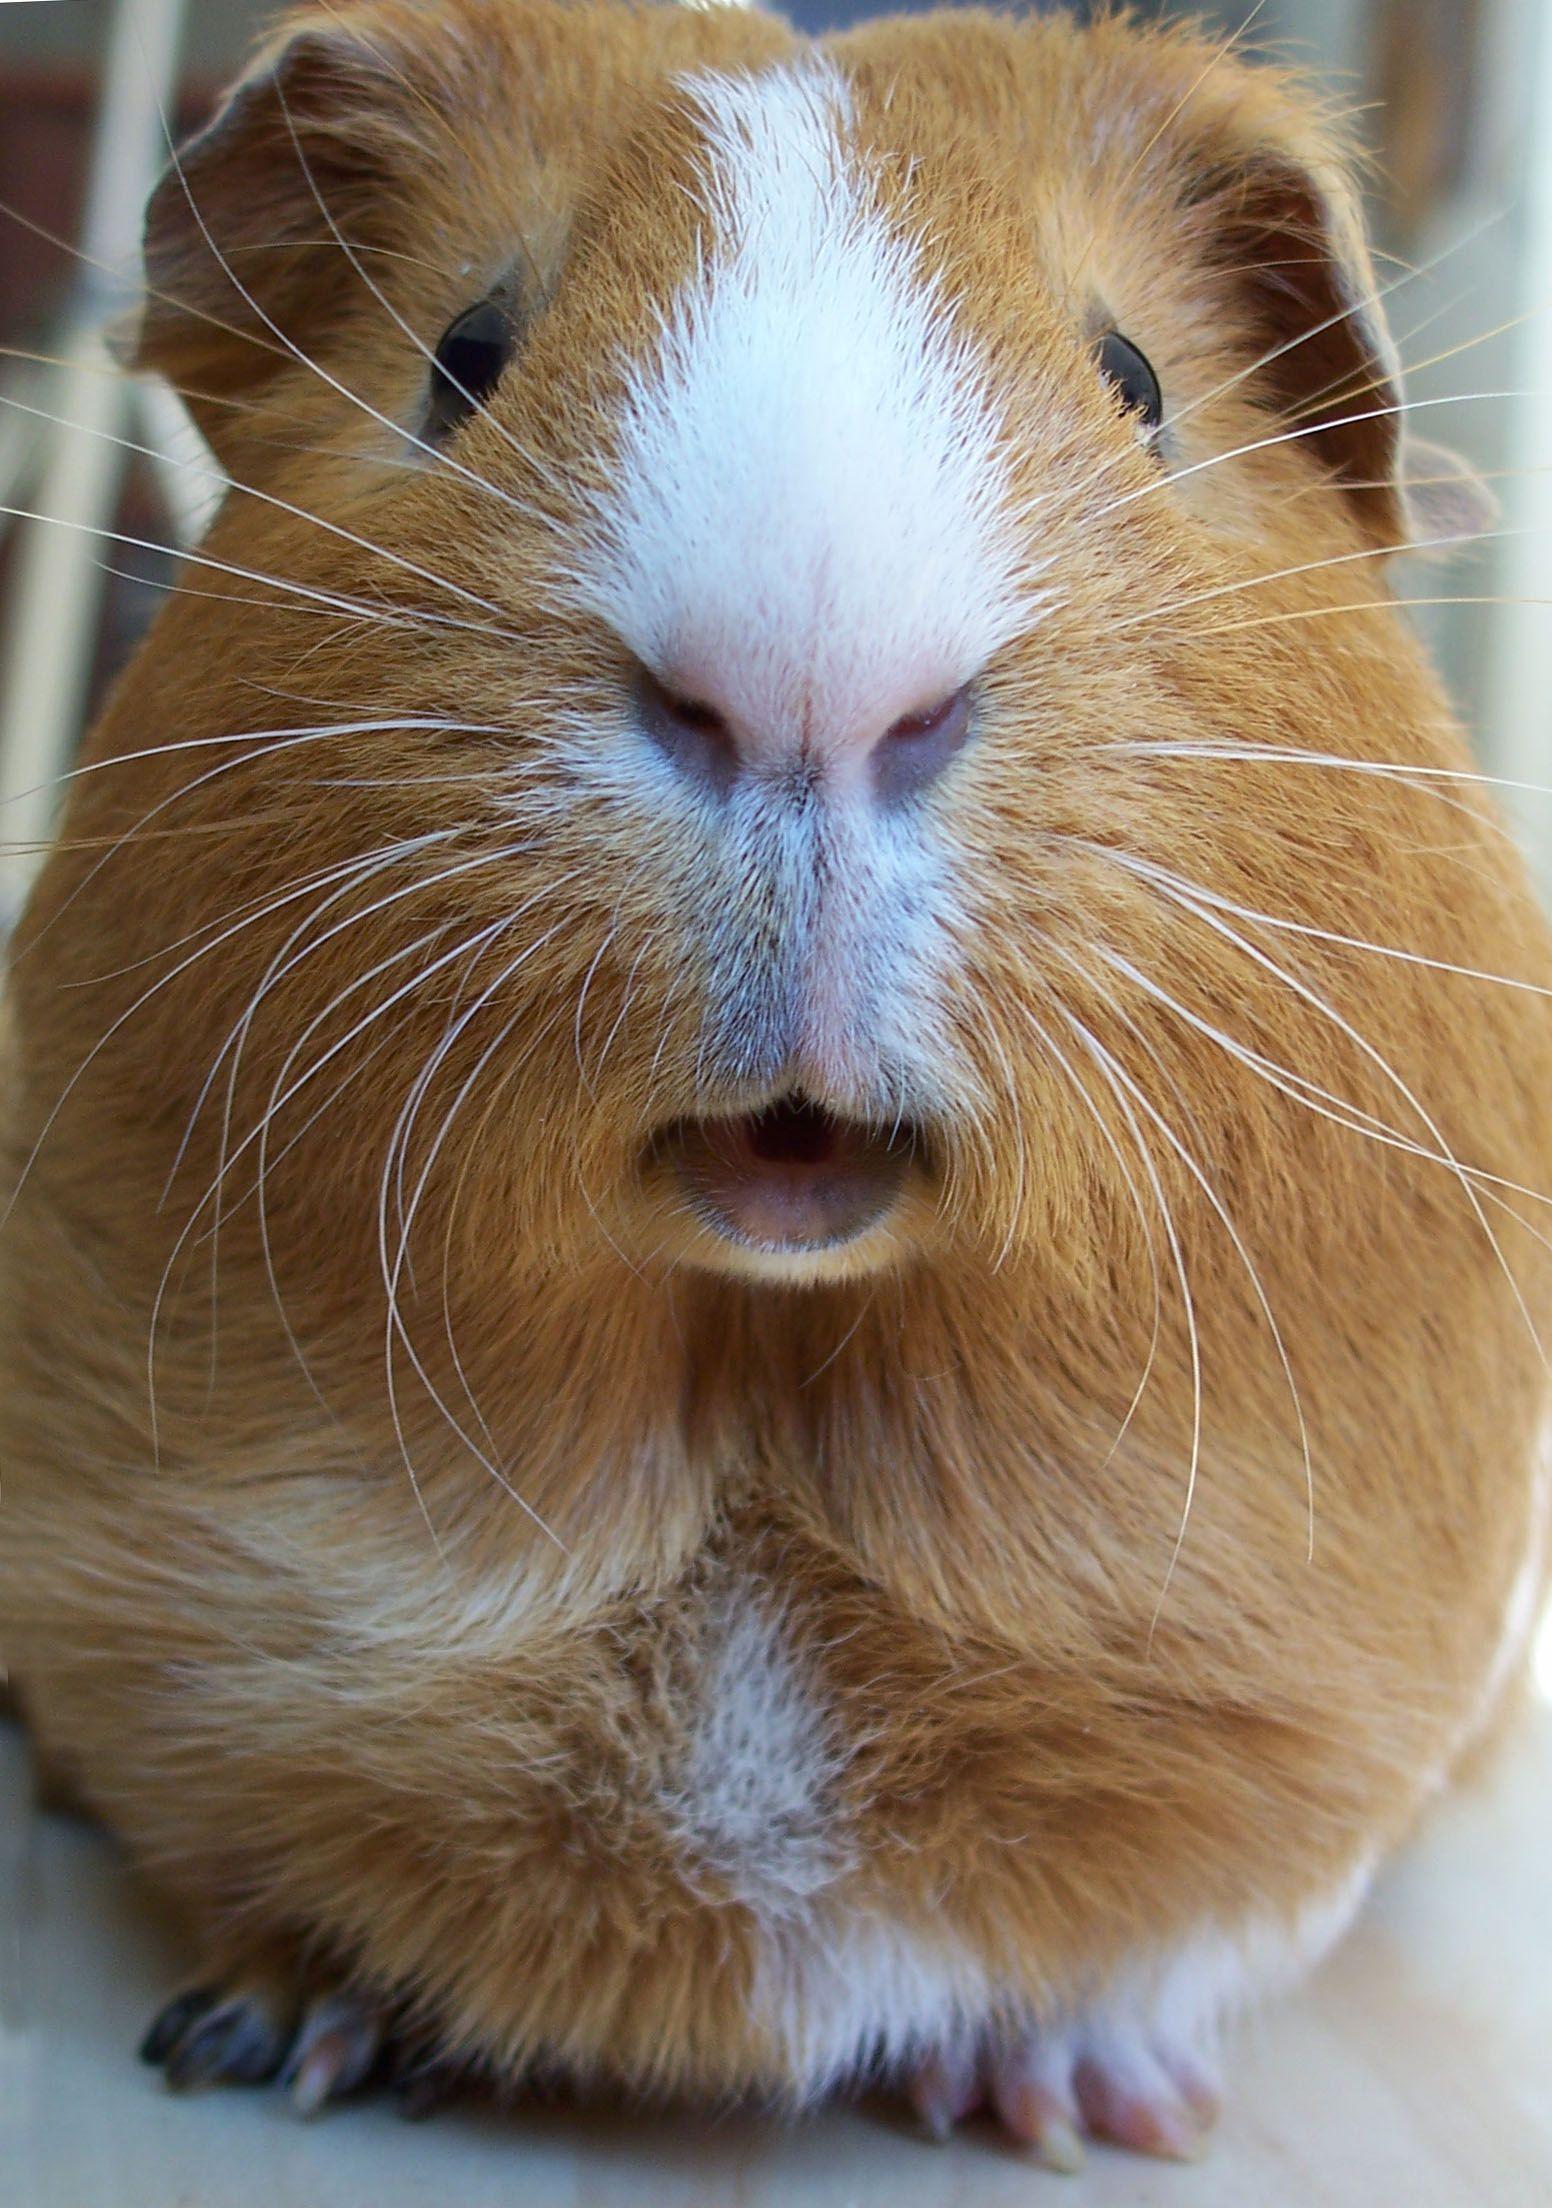 Image De Cochon D Inde le cochon d'inde de face. | small friends | guinea pigs, cavy, cute